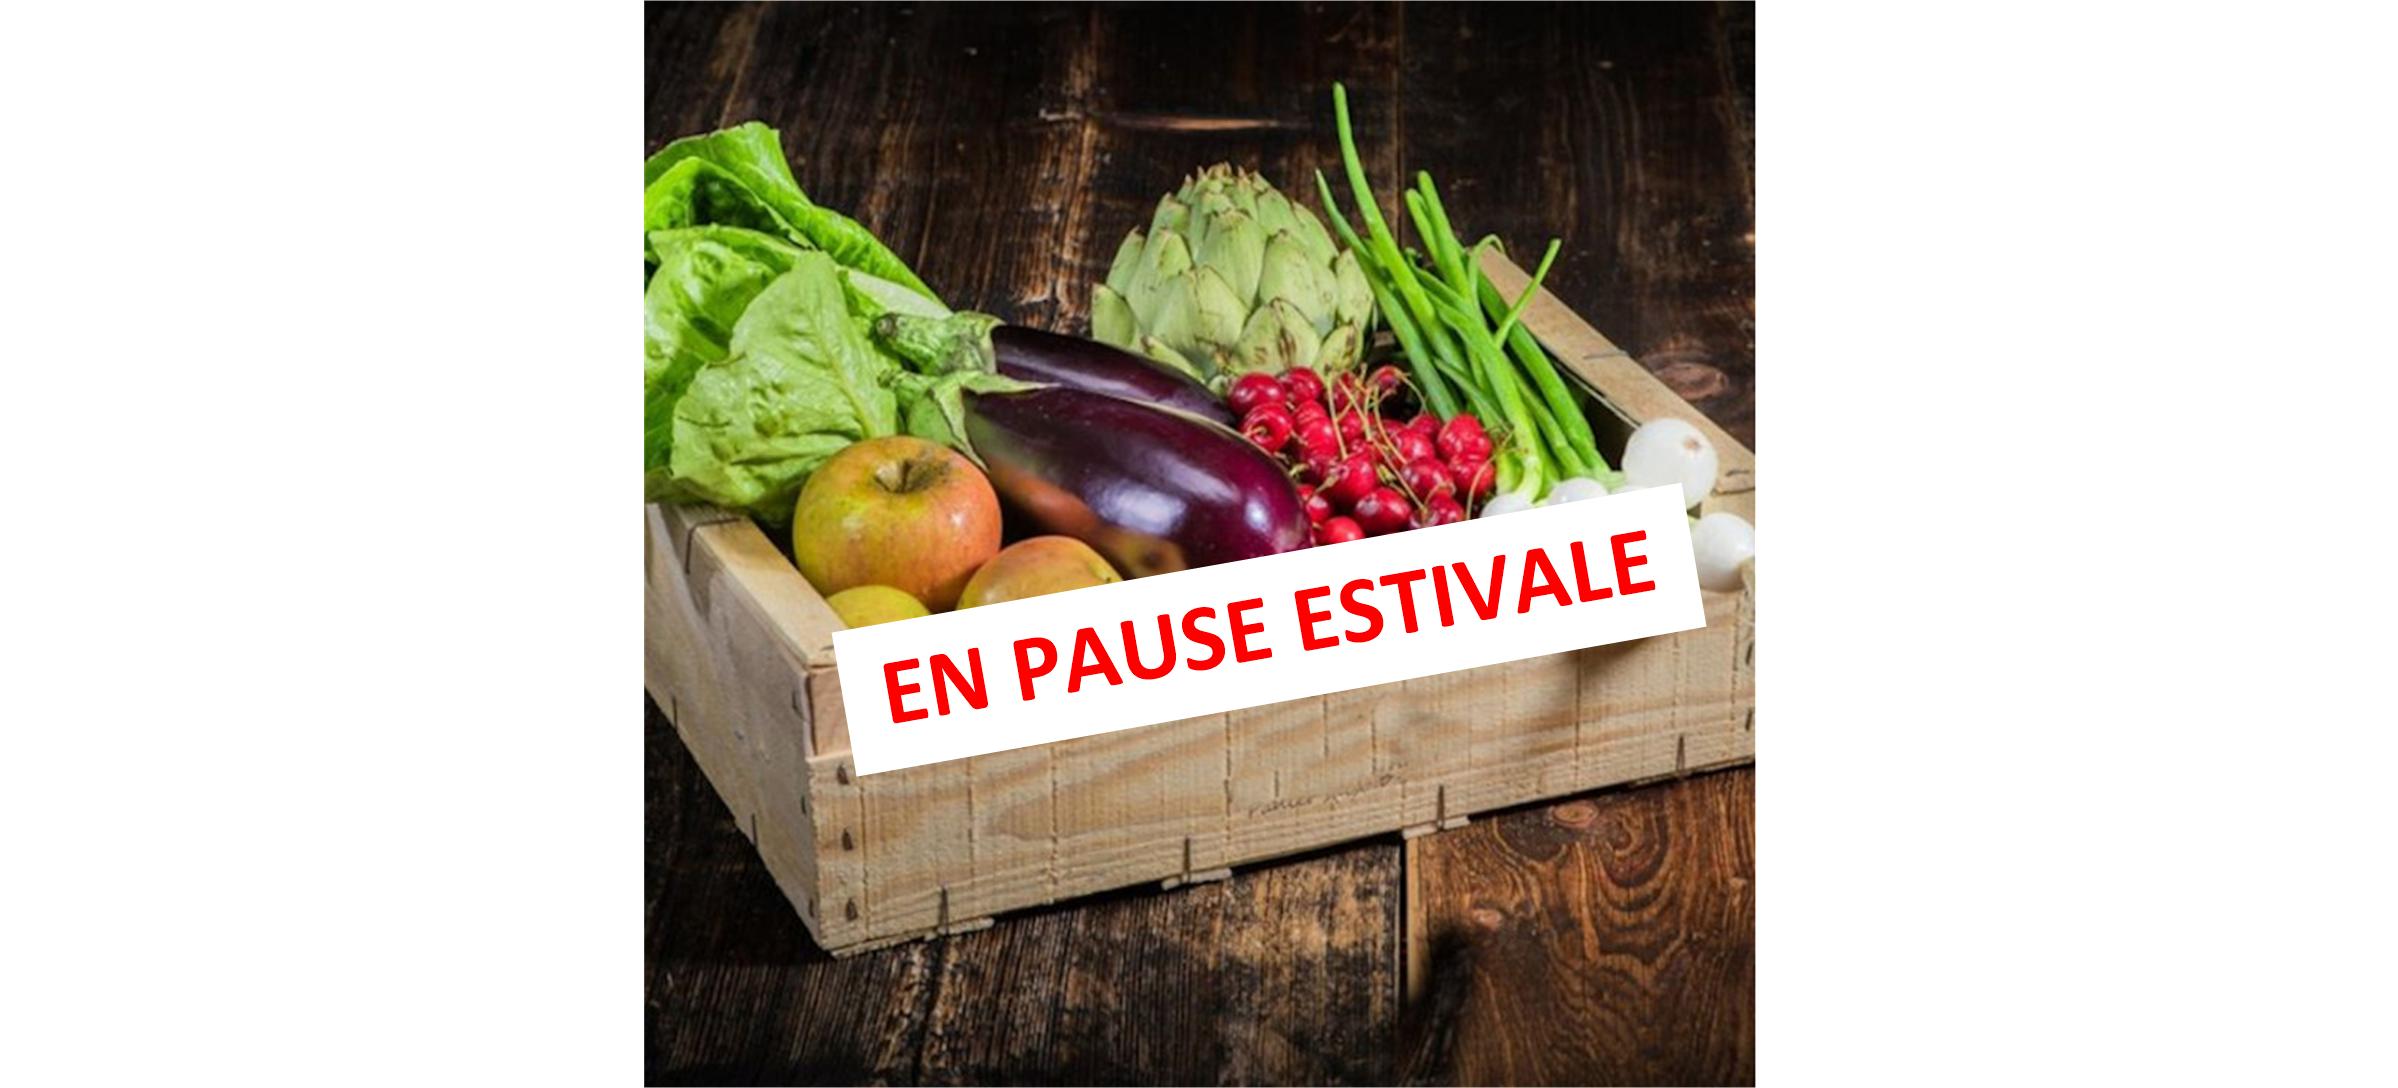 PAUSE ESTIVALE POUR LES PANIERS DE LEGUMES